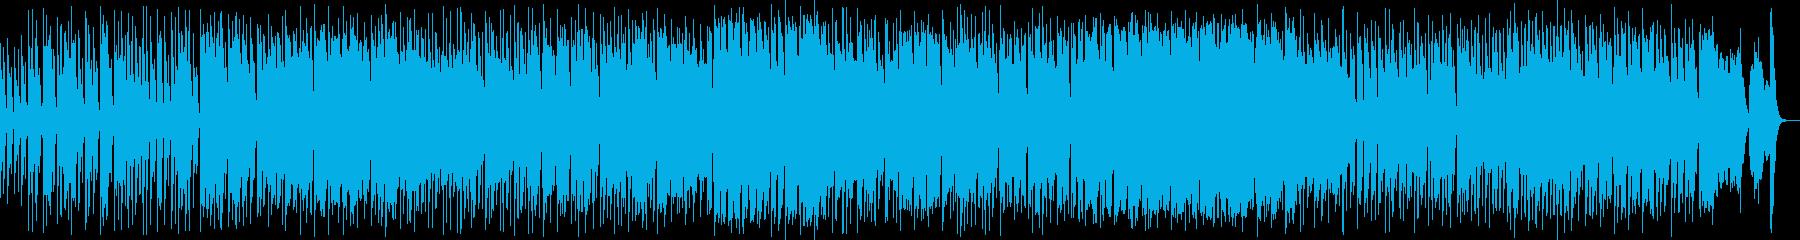 滑稽でクールなジャズ風曲の再生済みの波形